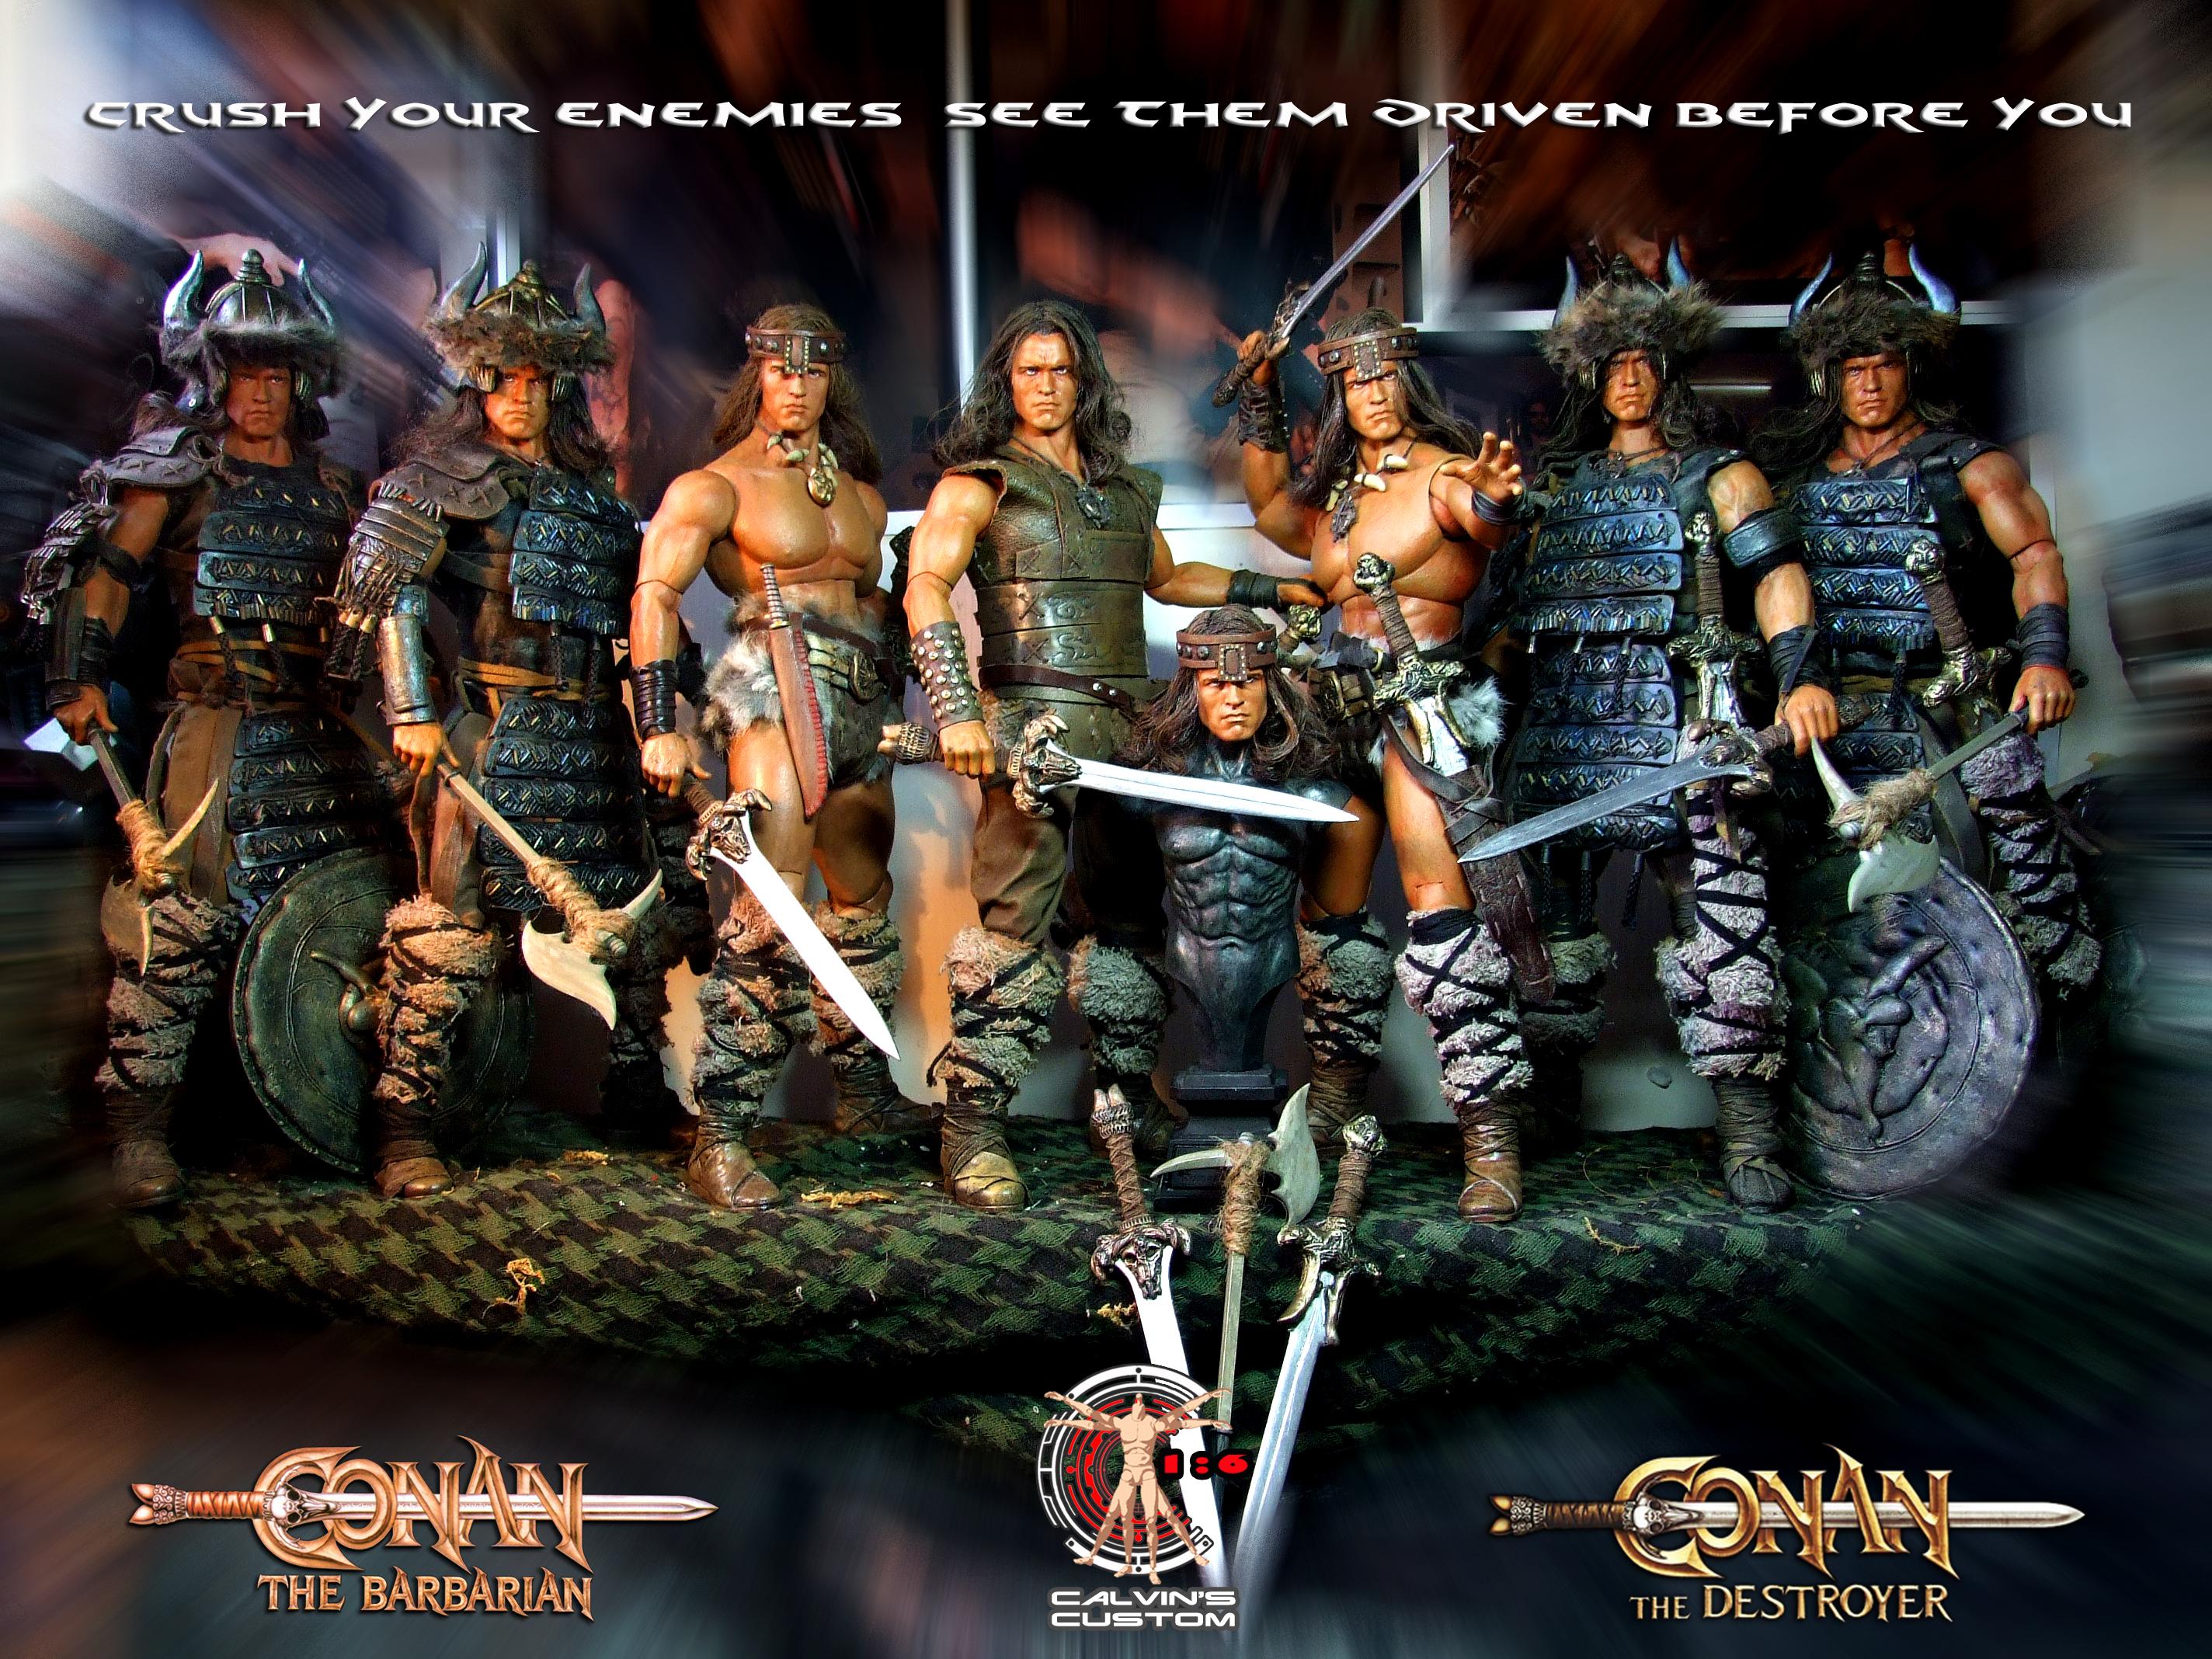 Calvin's Custom One Sixth Scale Arnold Schwarzenegger as Conan the Barbarian and Conan the Destroyer